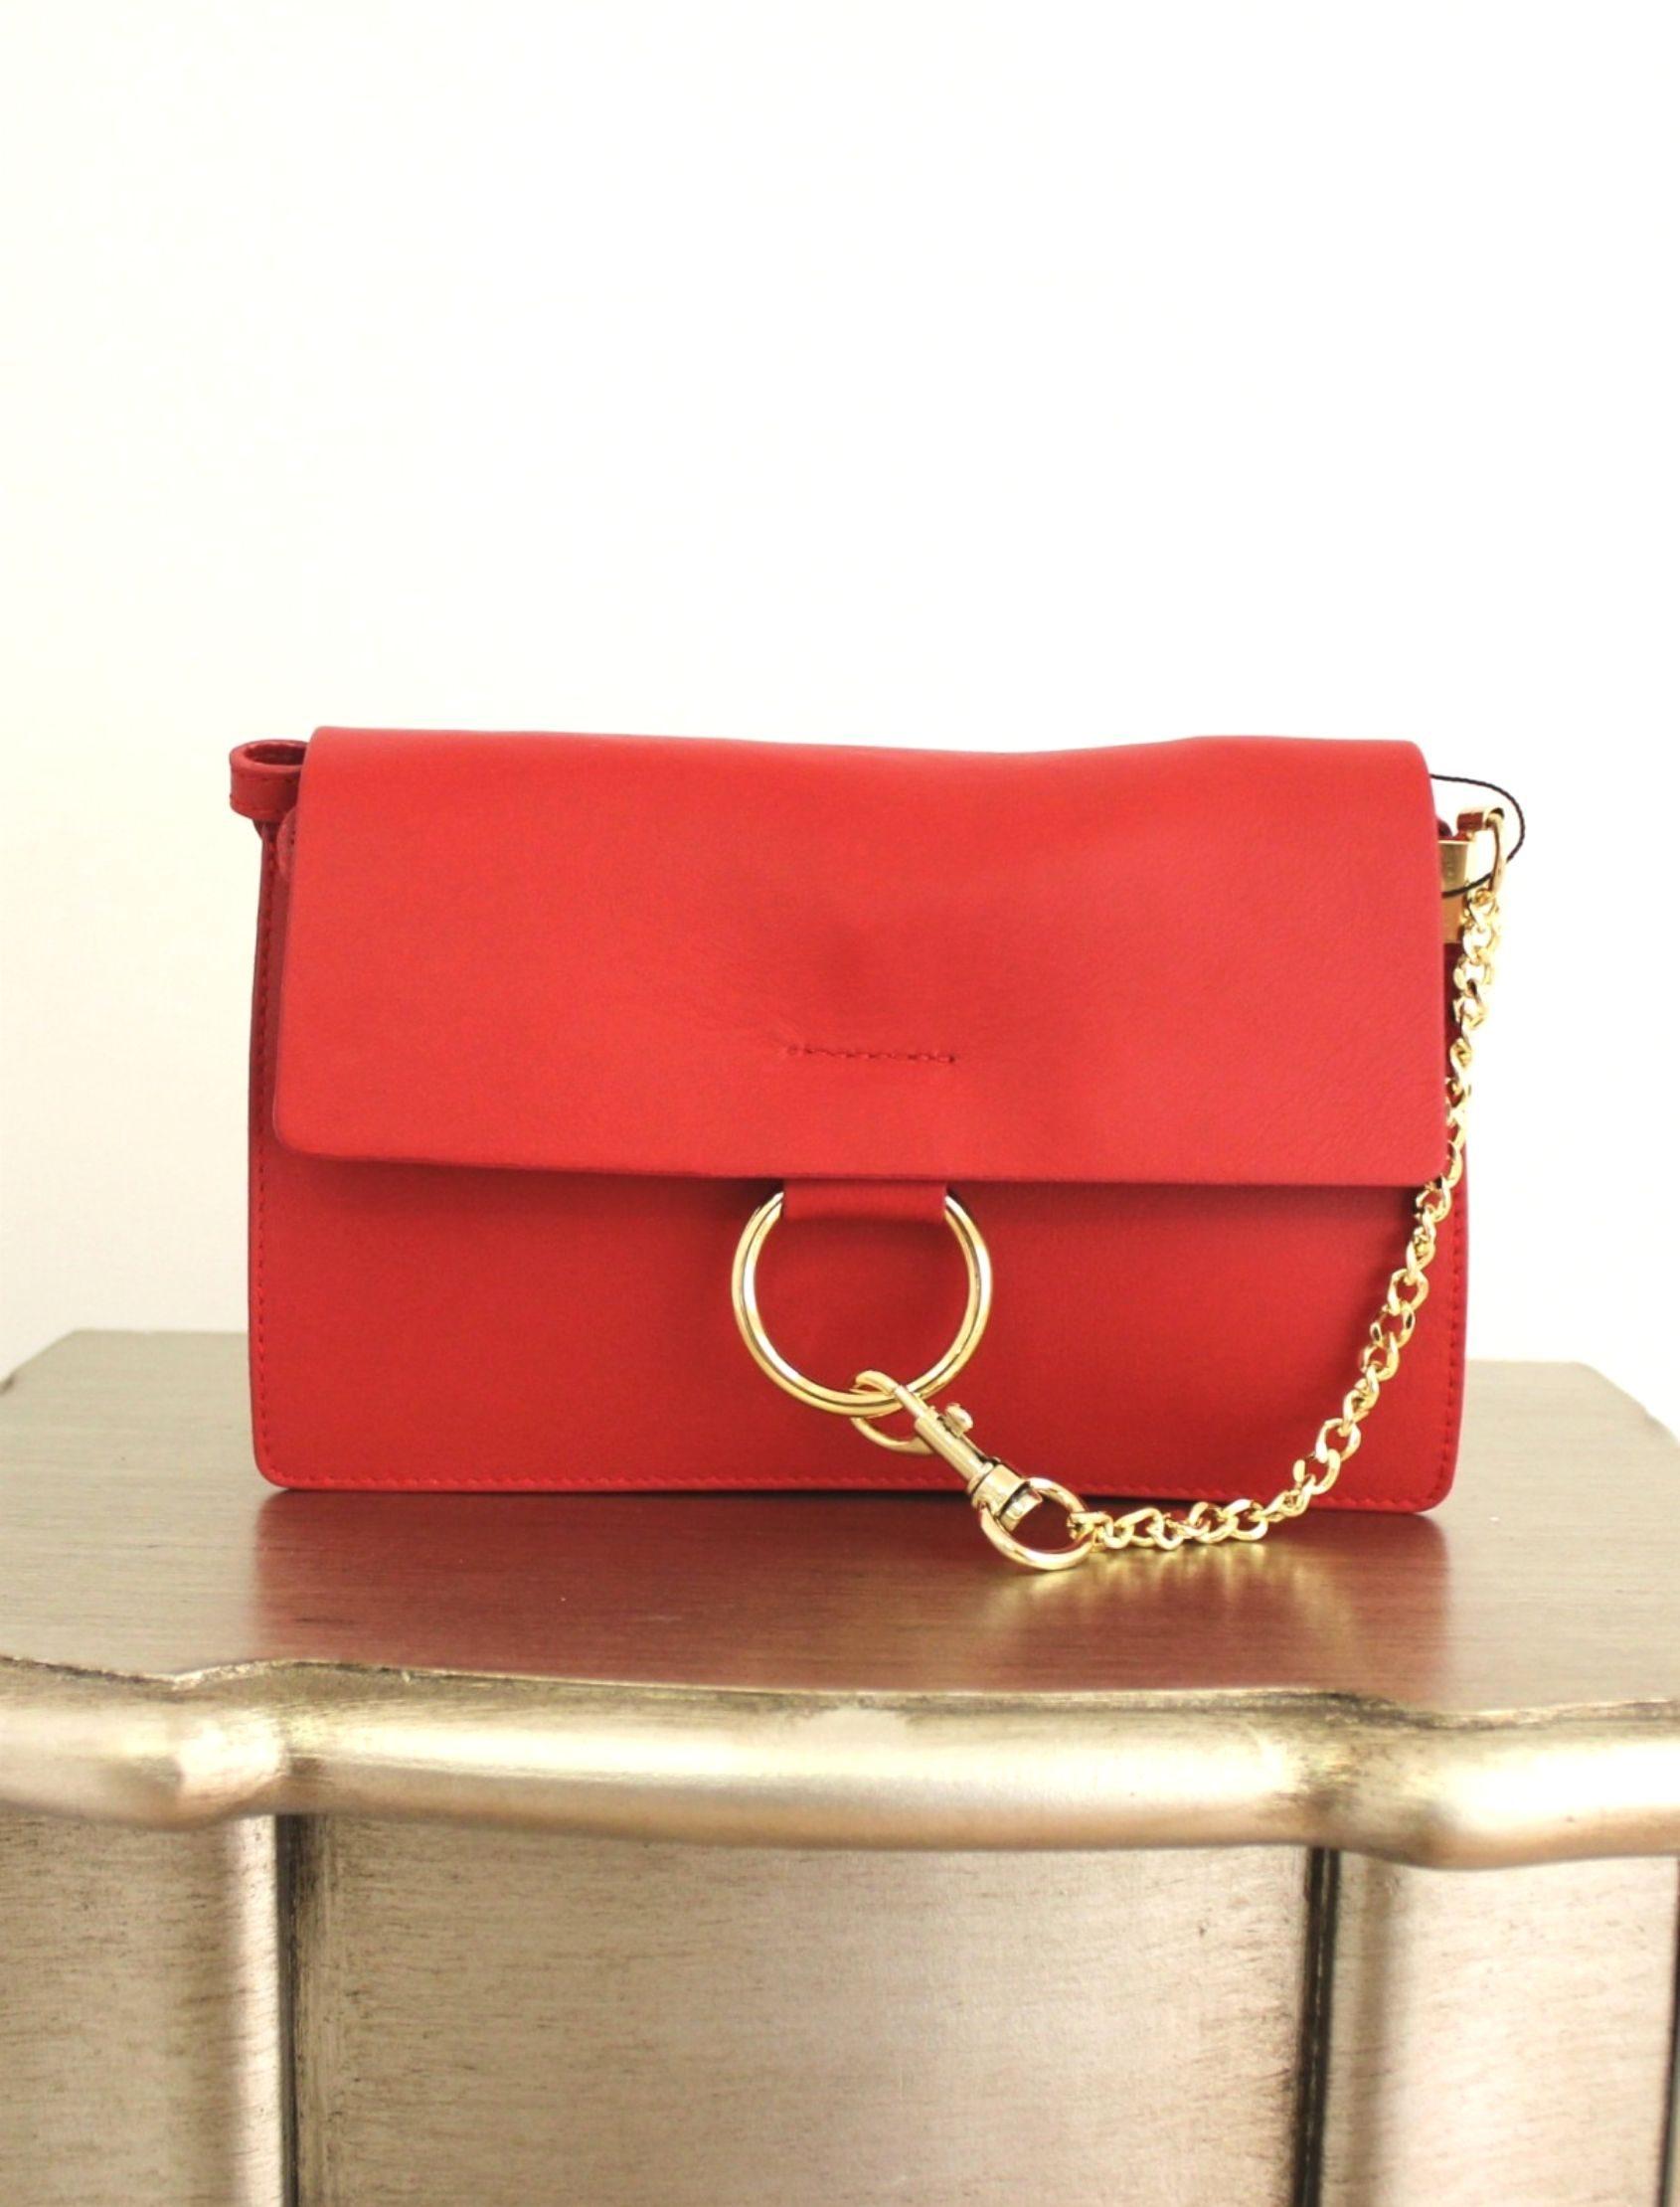 bolso de mujer de estilo bandolera con detalle de cierre en aro